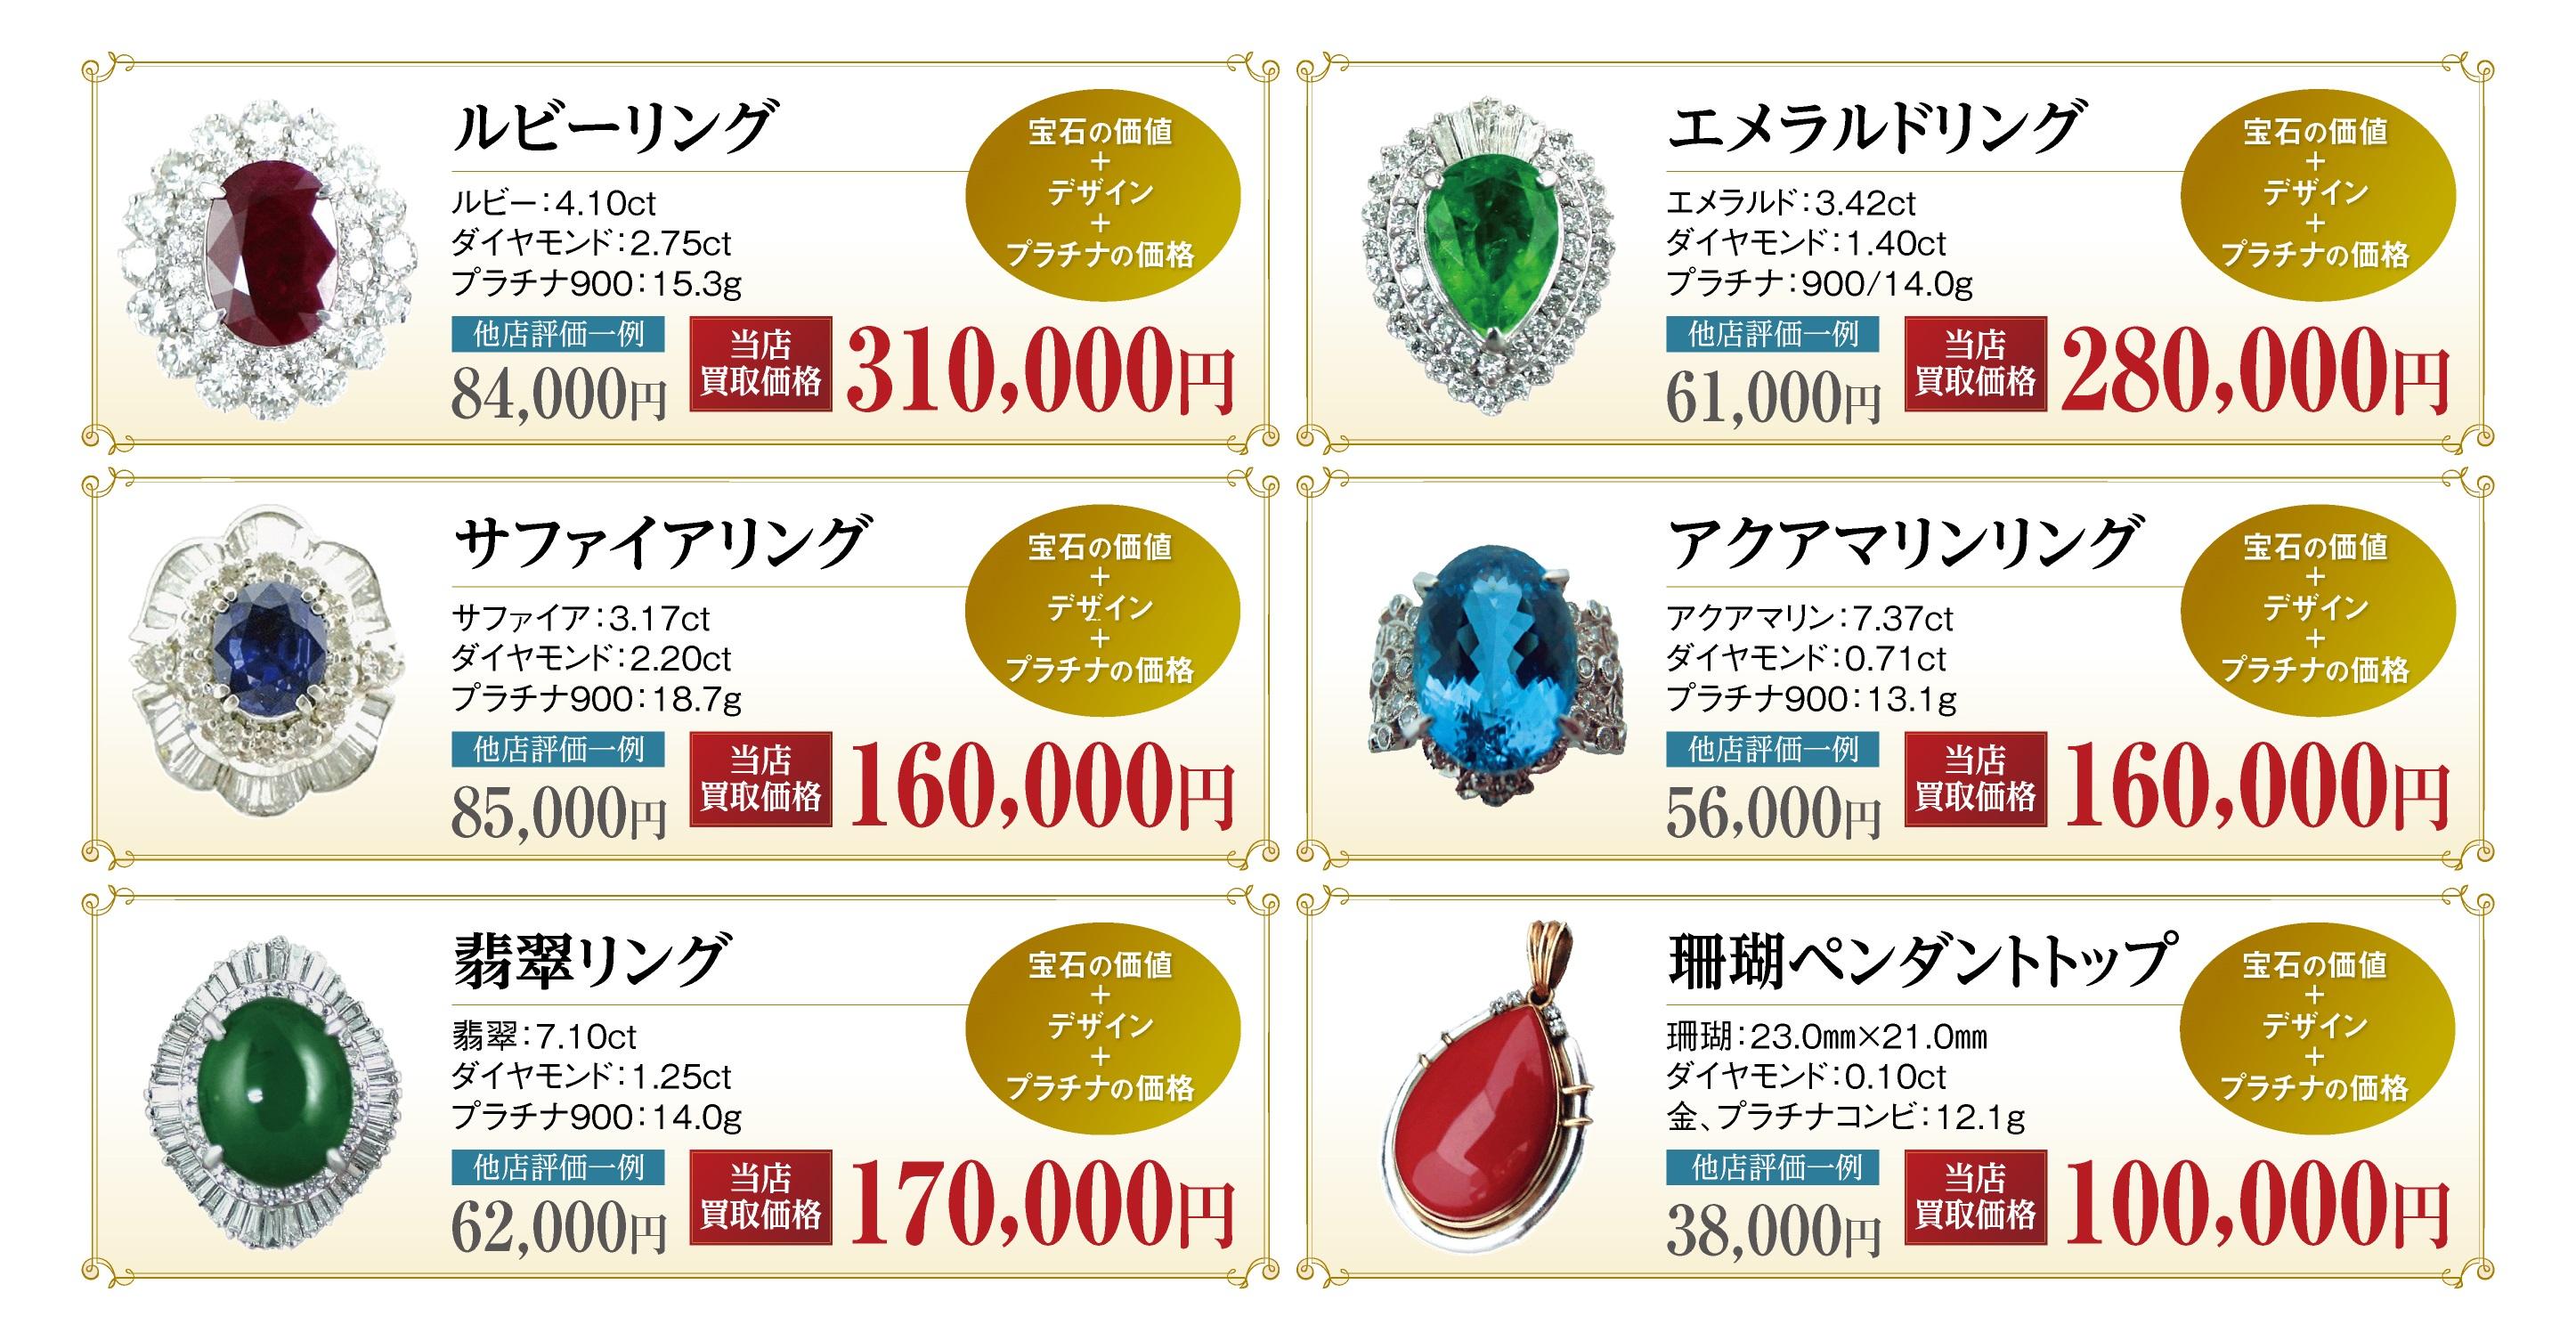 宝石買取価格